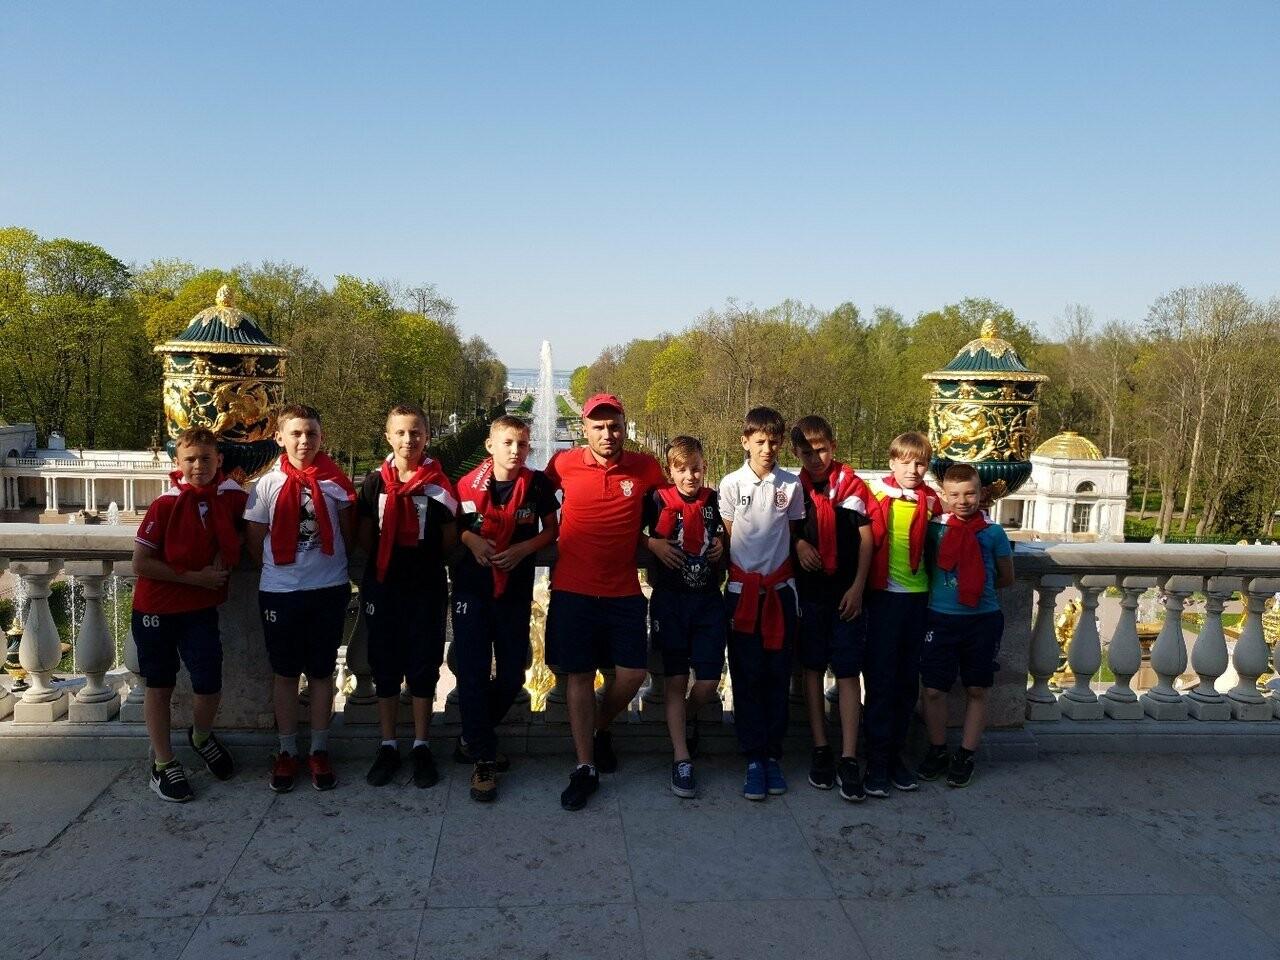 Юные футболисты Новошахтинска сразятся за победу на международном турнире, фото-2